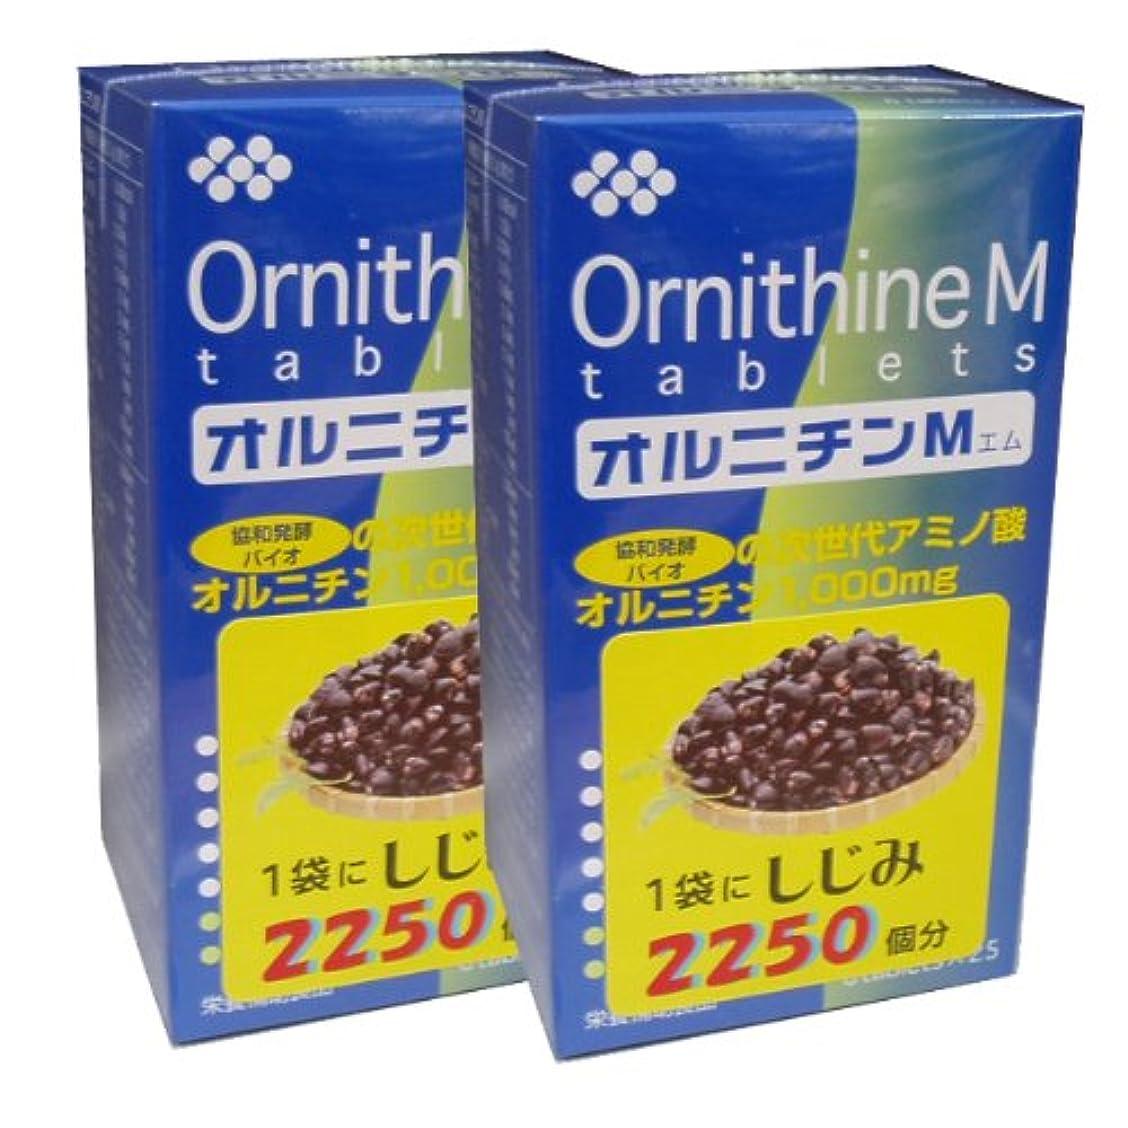 会計士ノーブルフェリー協和発酵オルニチンM (6粒×25袋)×2個セット